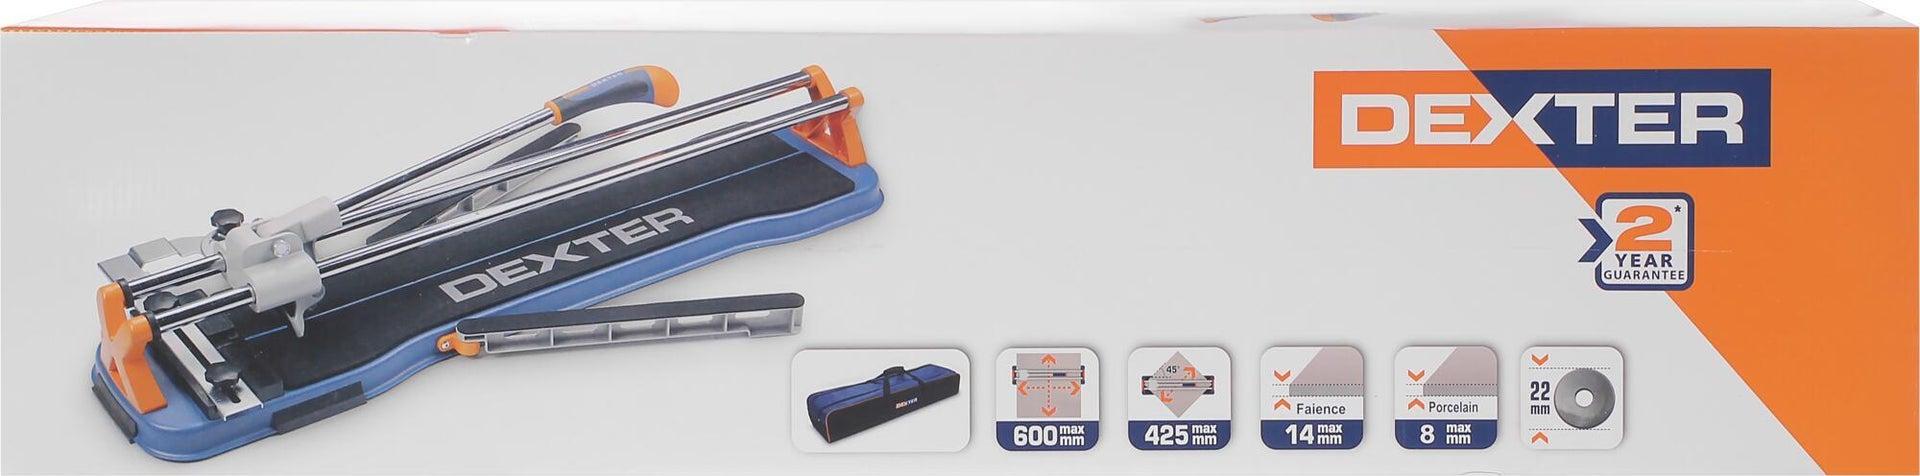 Tagliapiastrelle manuale DEXTER , lunghezza max taglio 600 mm - 6